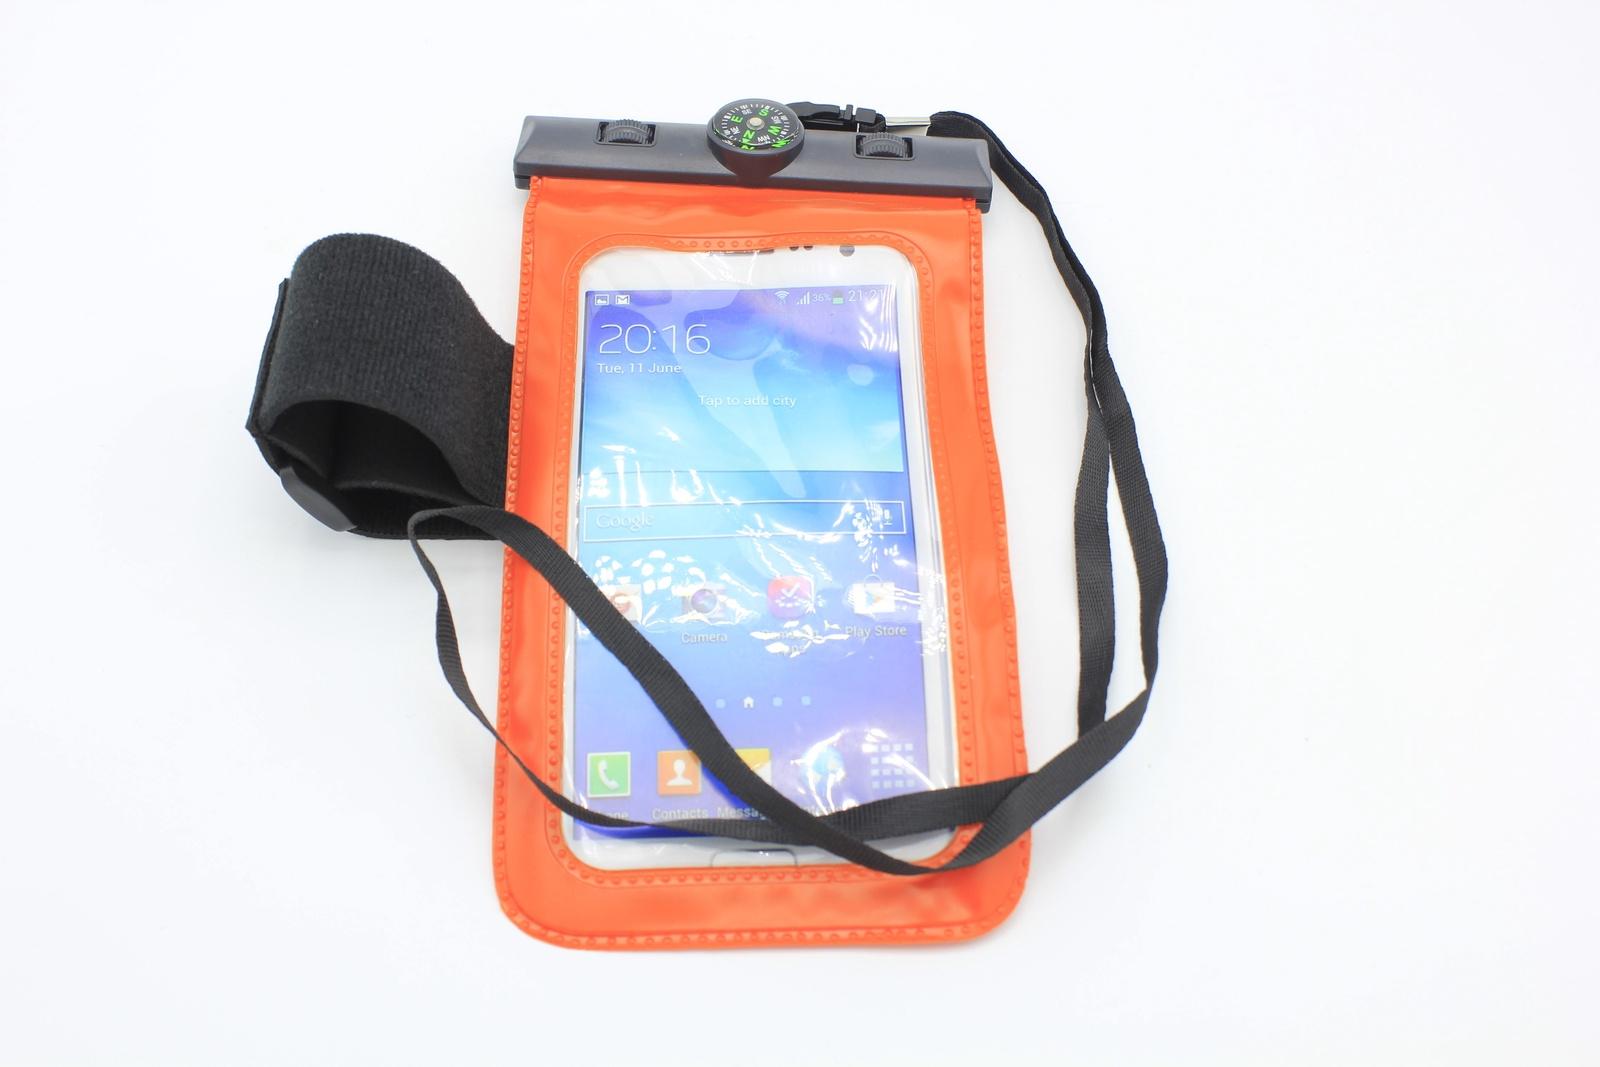 Водонепроницаемый чехол для телефона универсальный с компасом, красный водонепроницаемый чехол для телефона цена